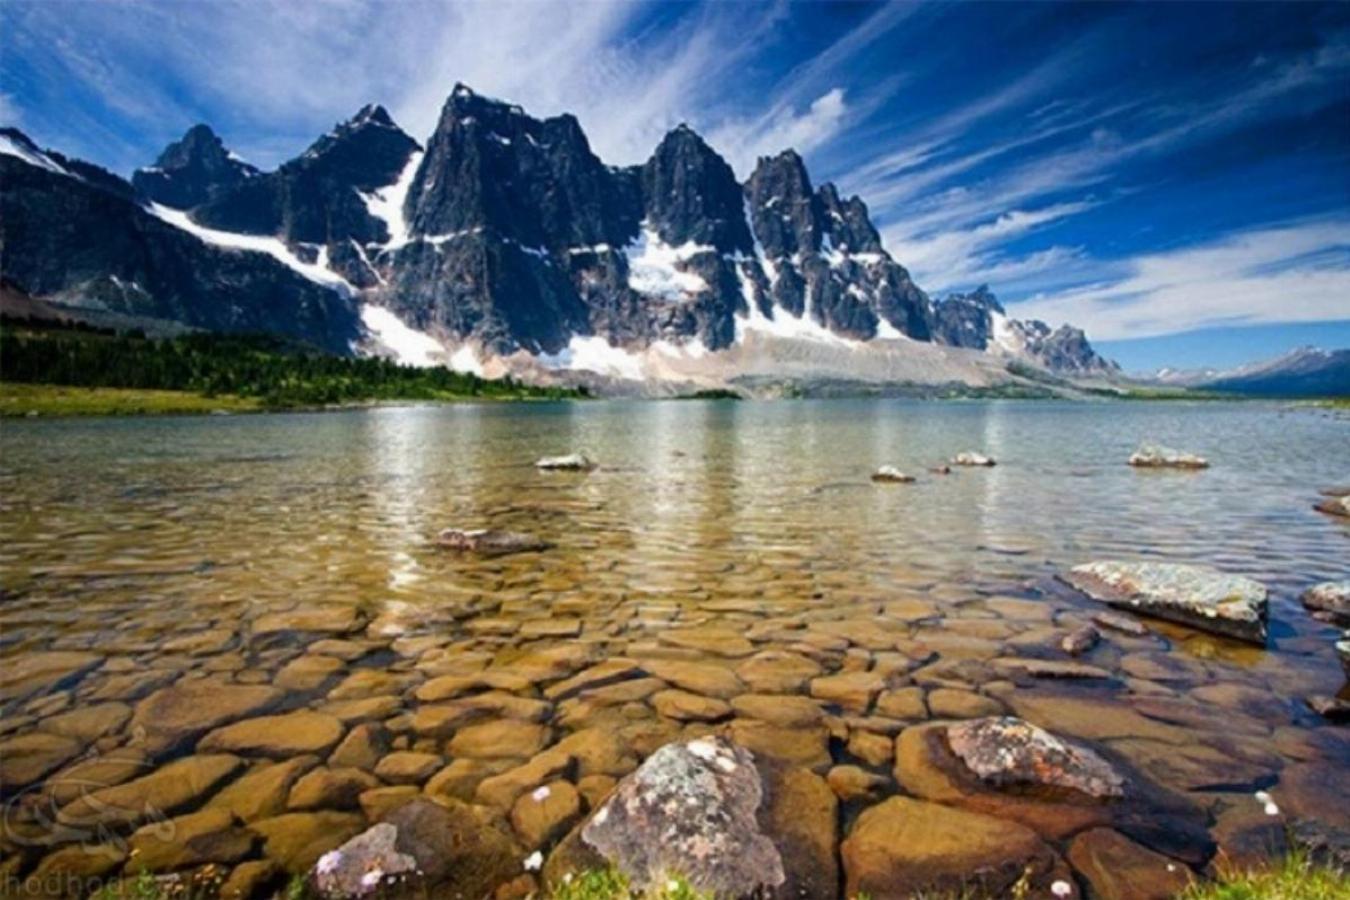 جاذبه های گردشگری کانادا: پارک ملی جاسپر